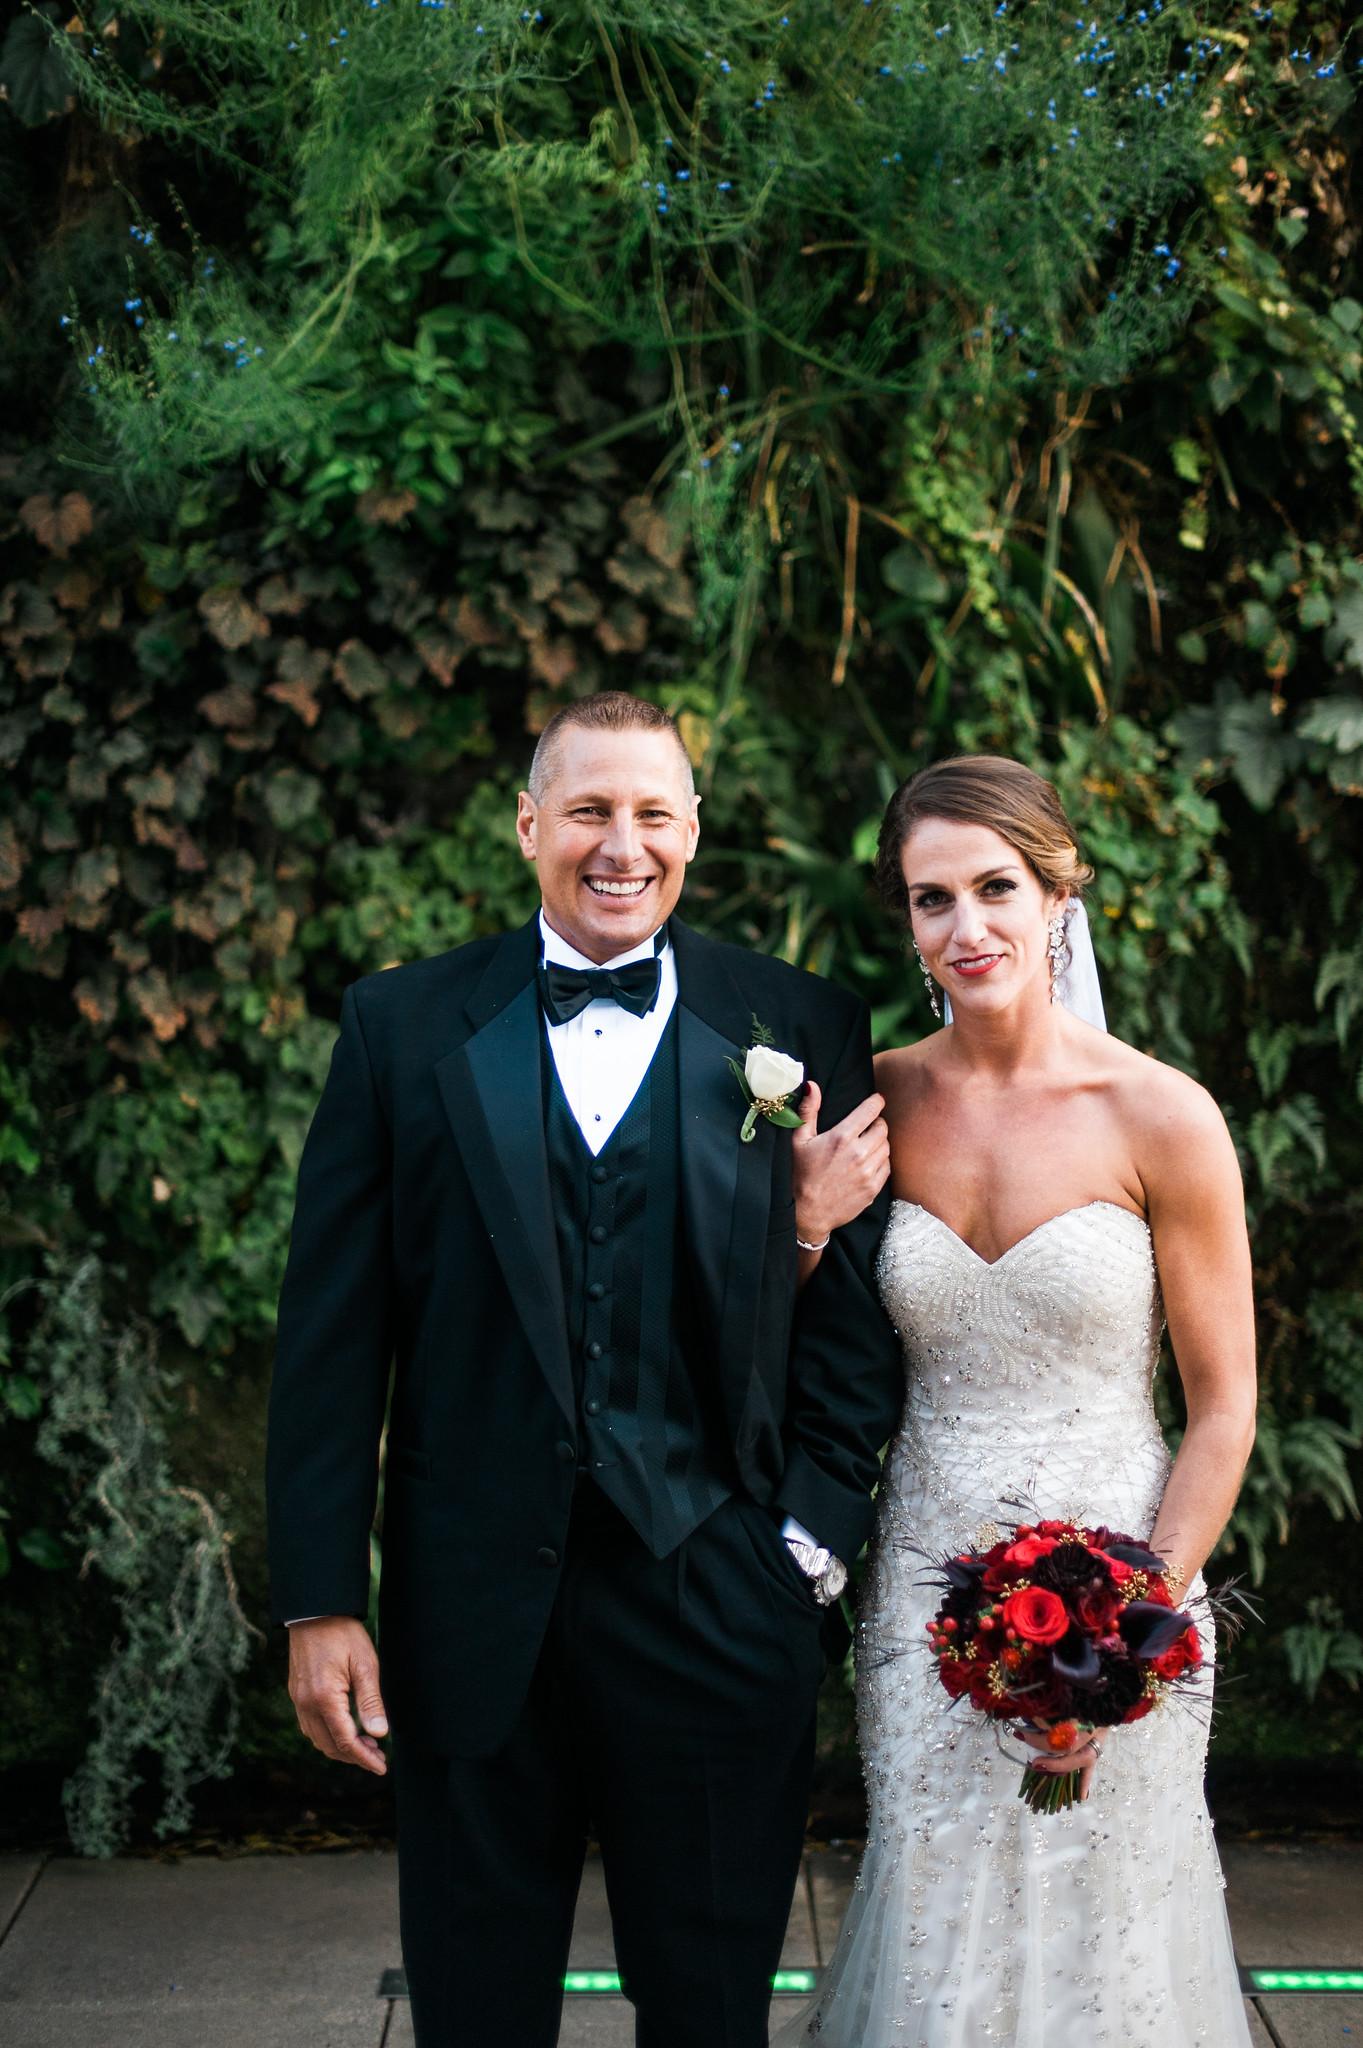 hoke-wedding-247-X4.jpg